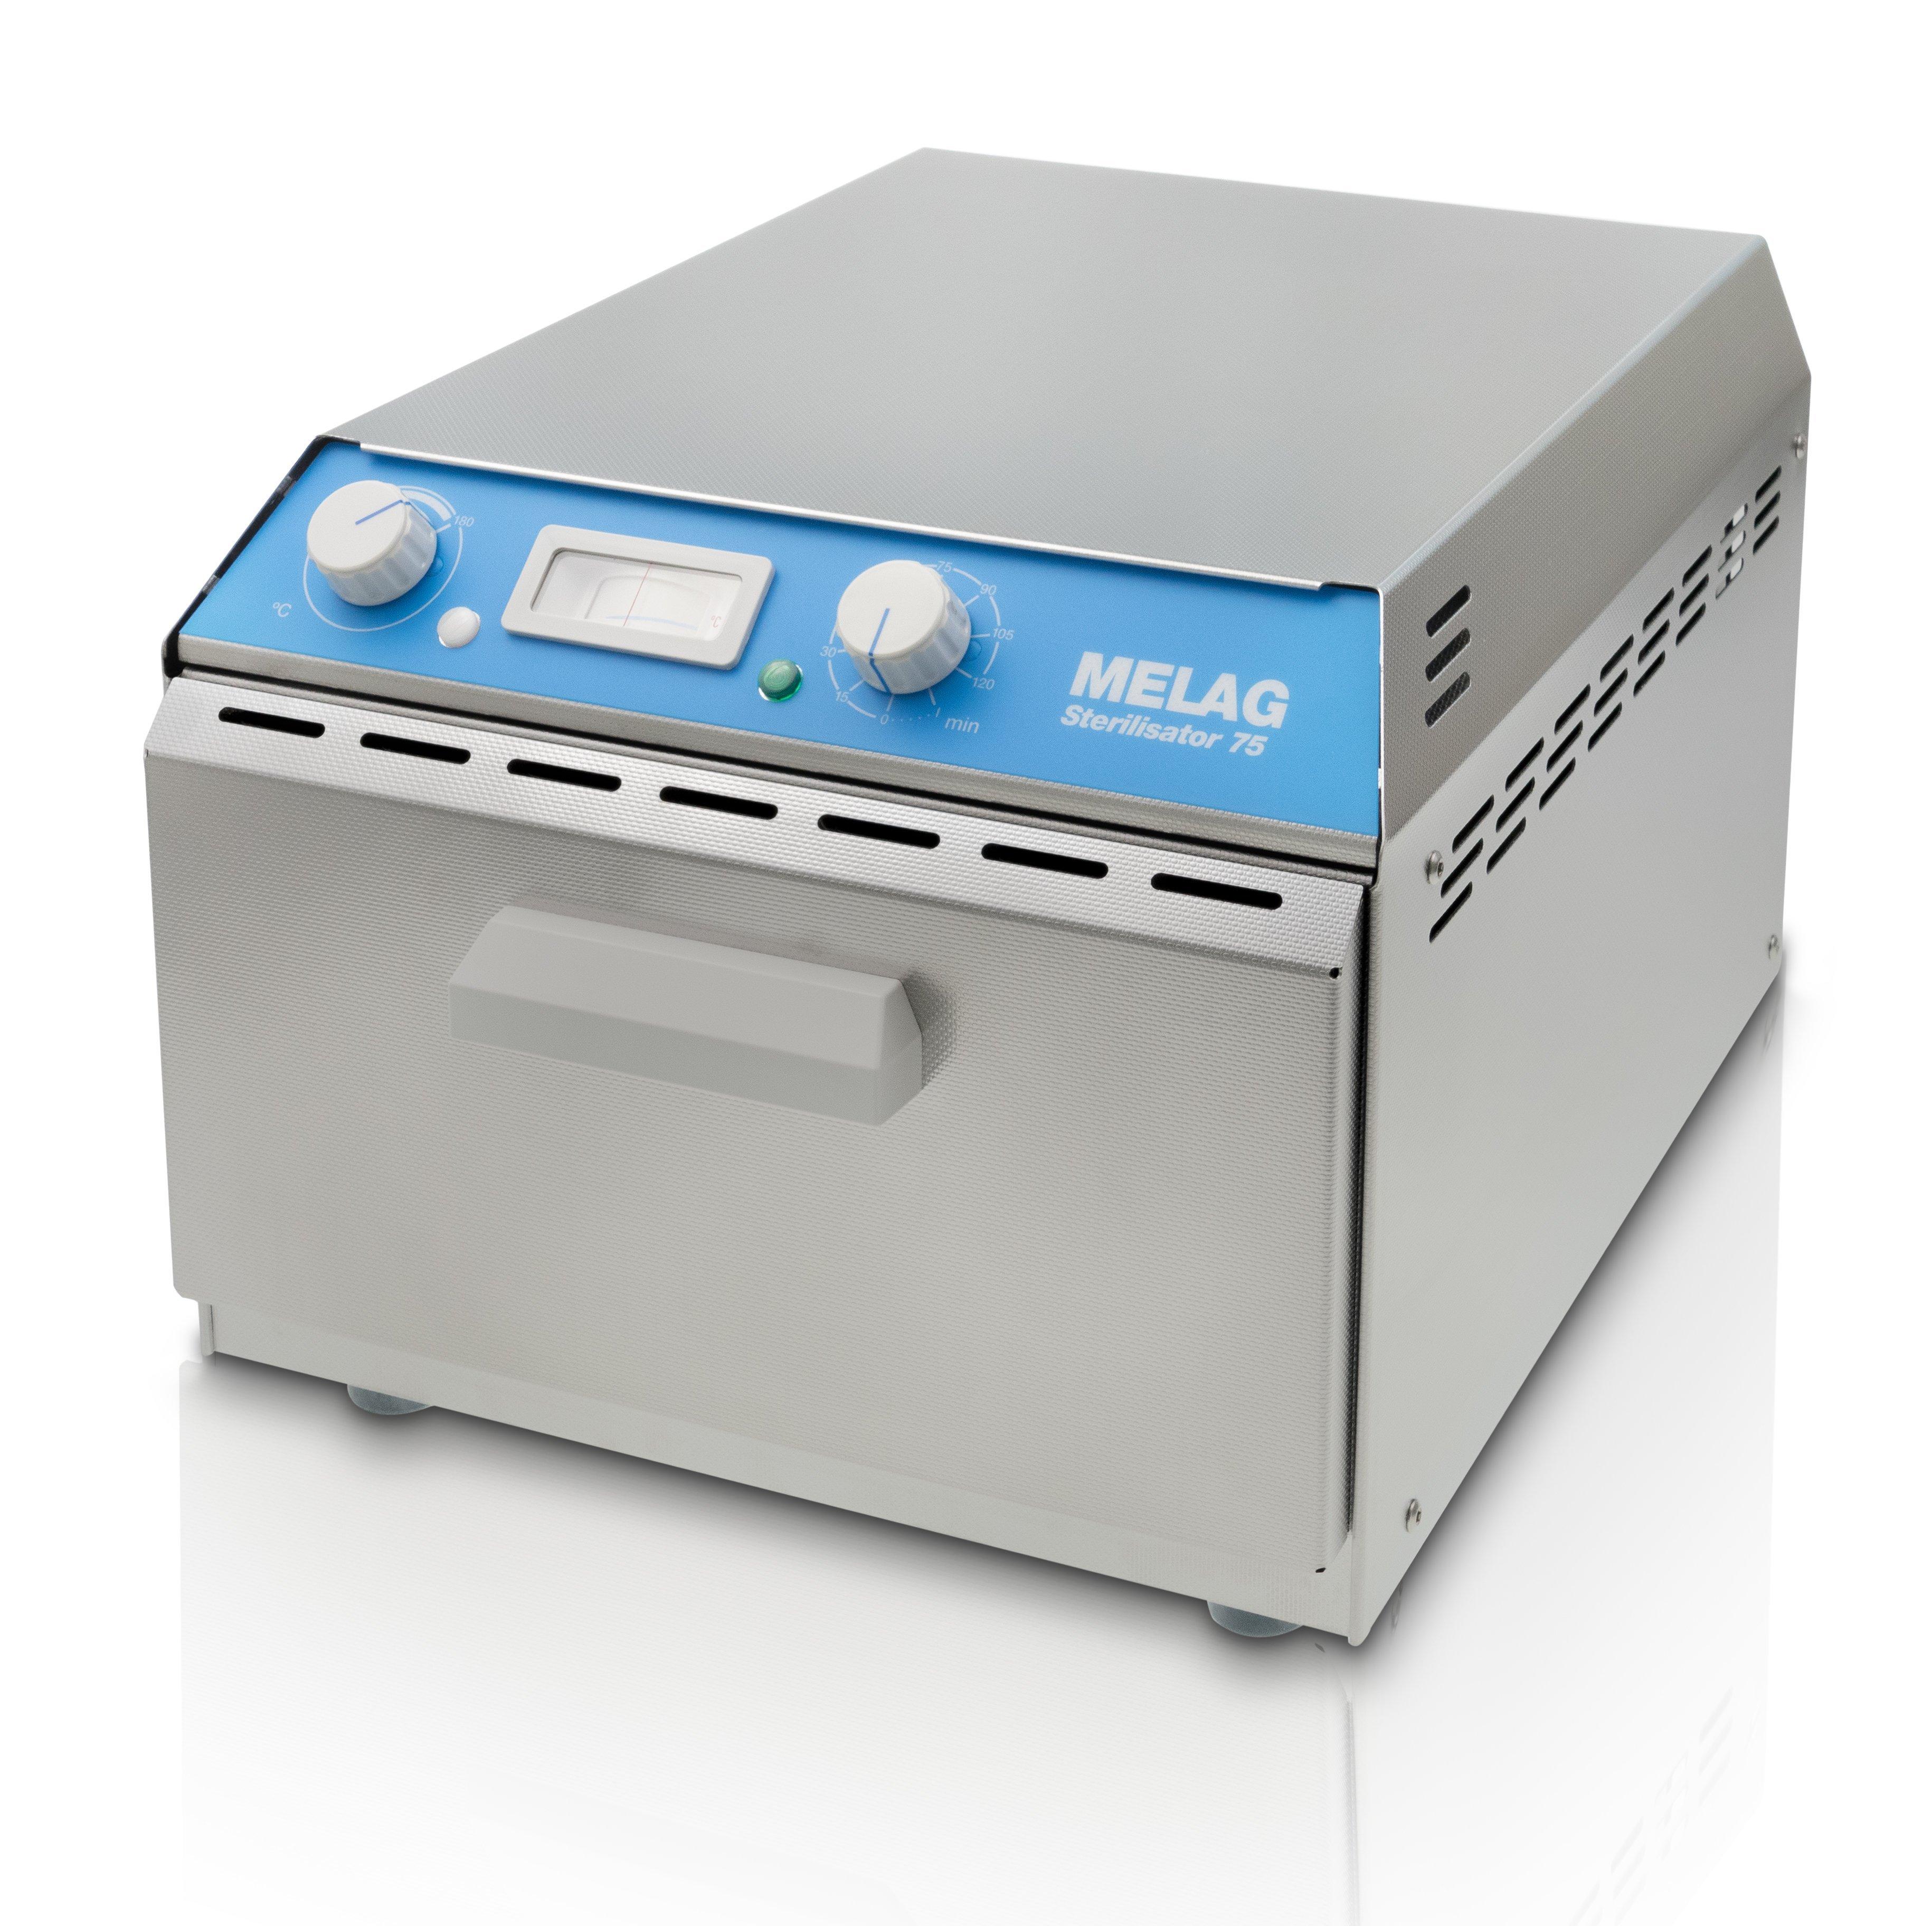 Teplovzdušný sterilizátor Melag 75 + Alu kazeta a držiak č. 2